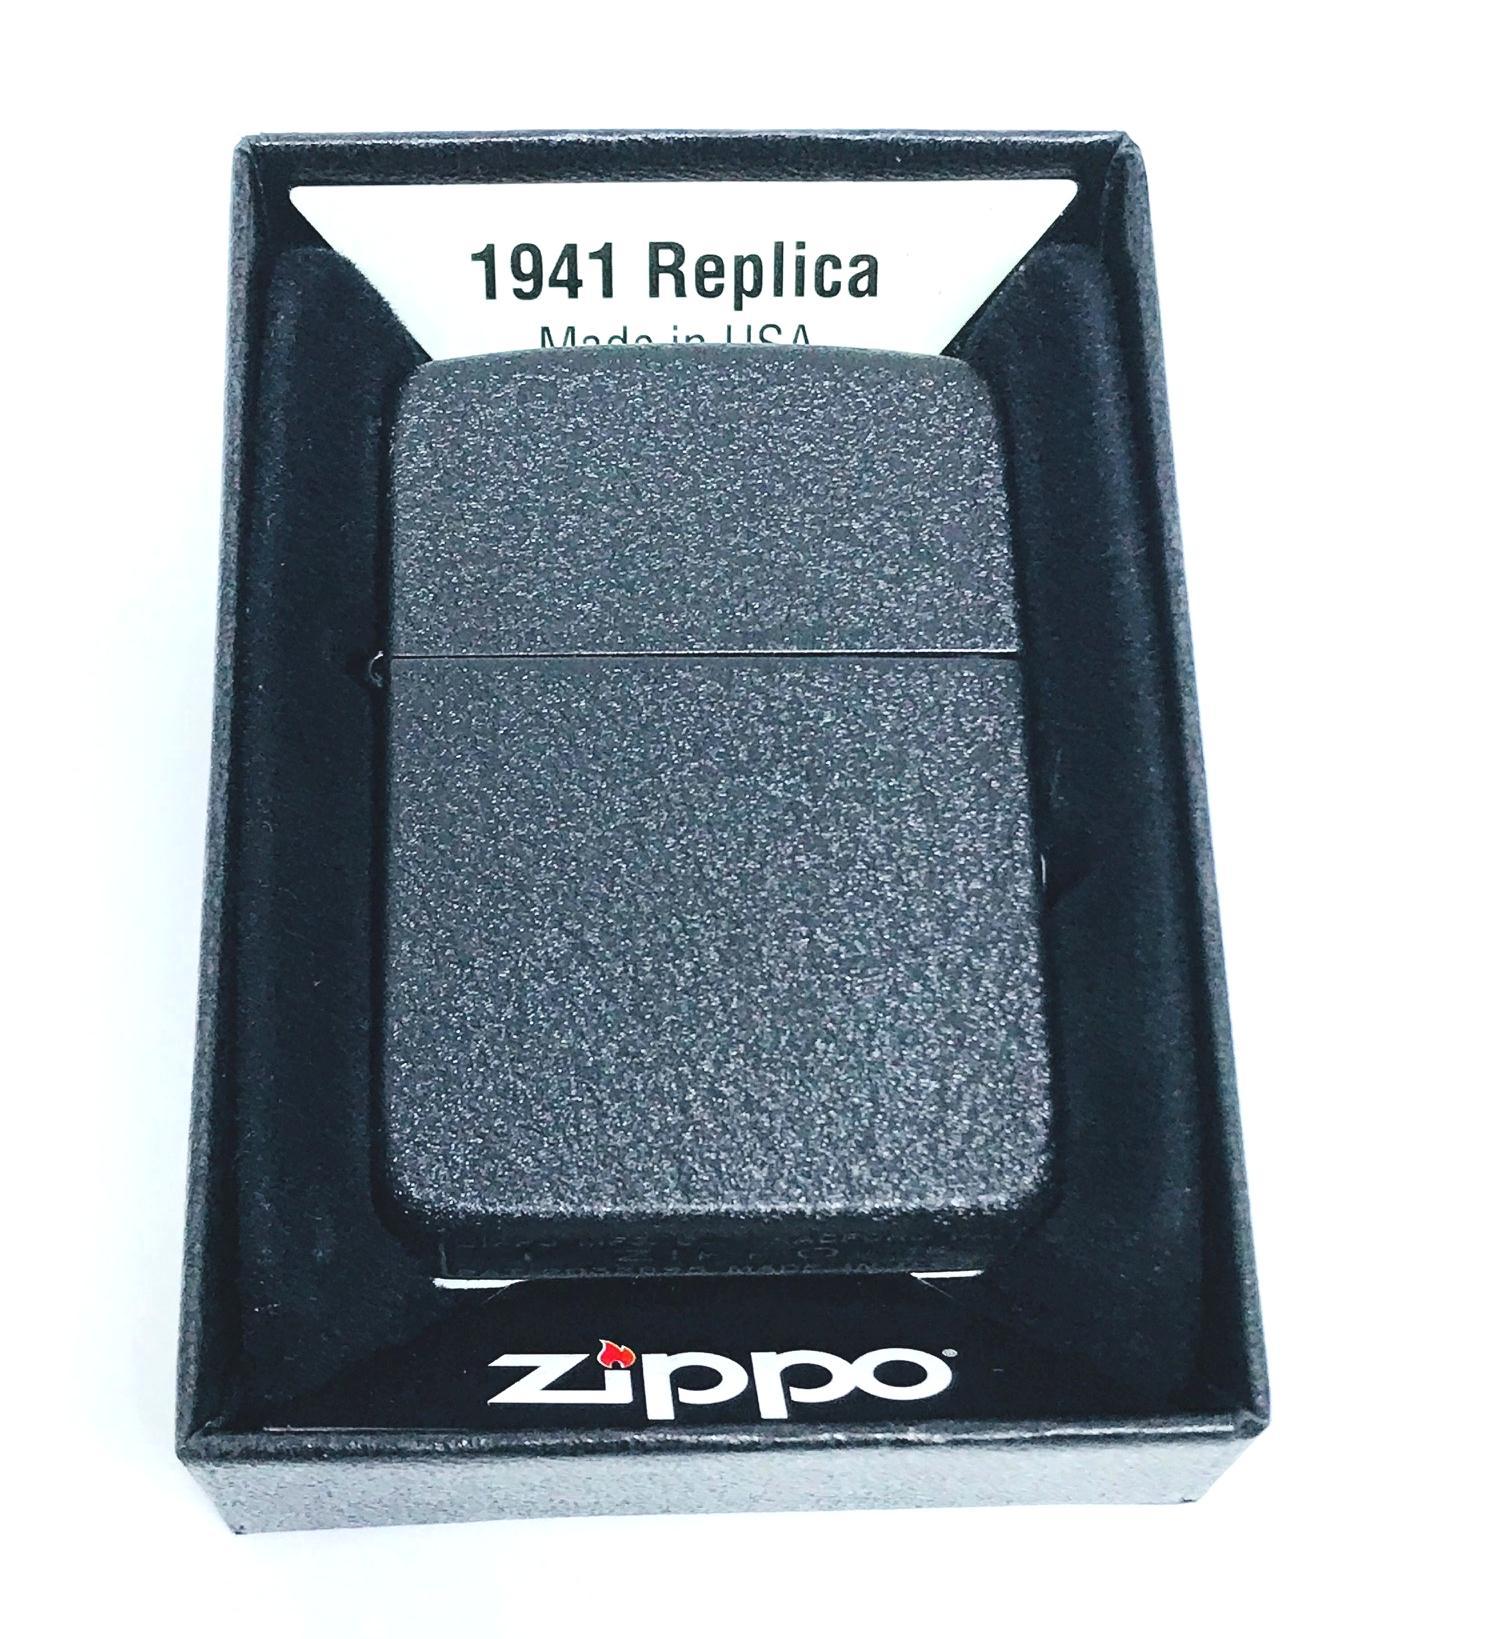 Hop quet zippo bau den san Z600